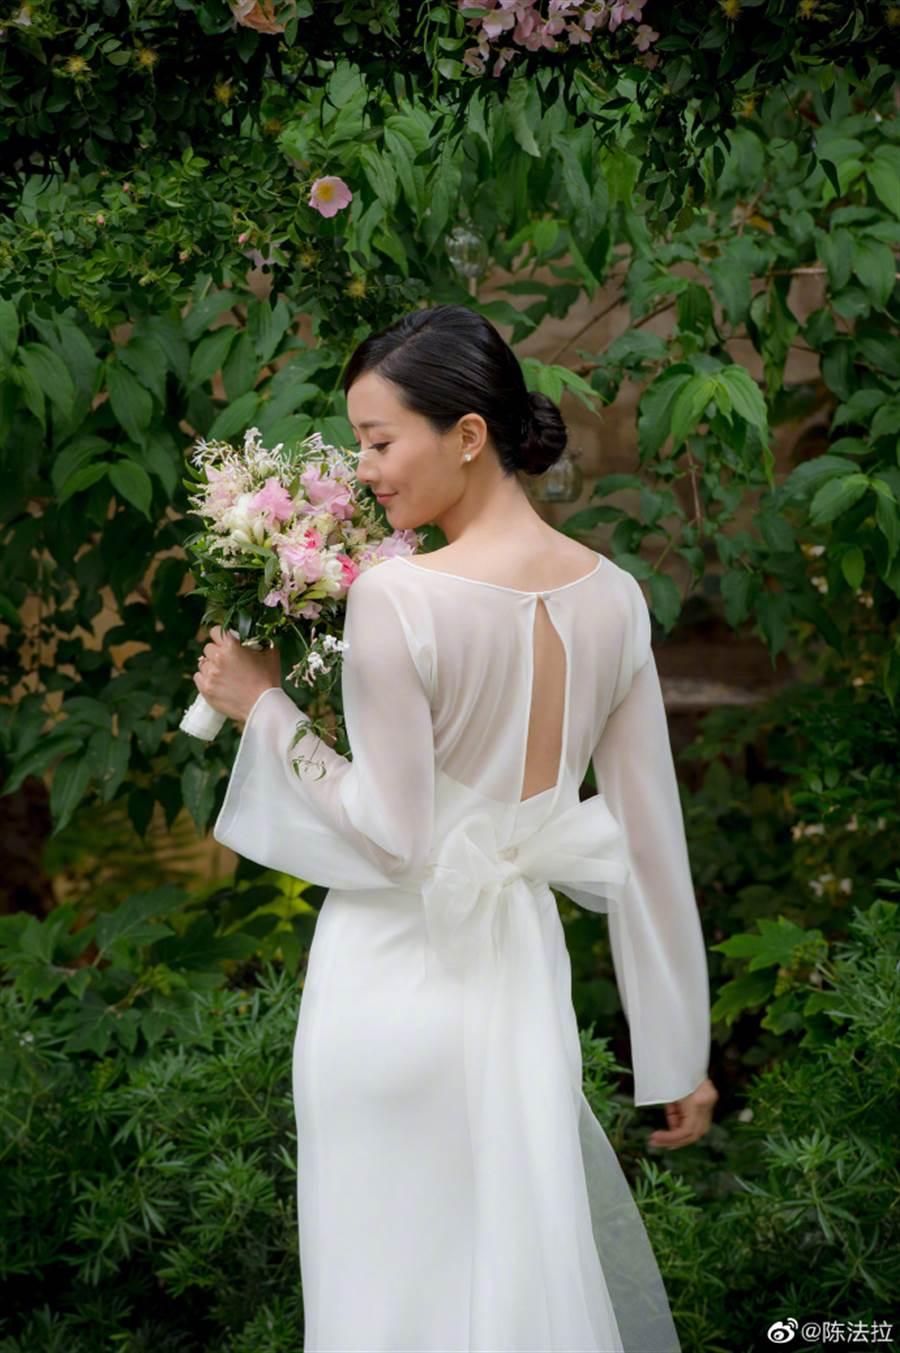 陳法拉身穿一套白色簡約婚紗,相當優雅。(圖/取材自陳法拉微博)